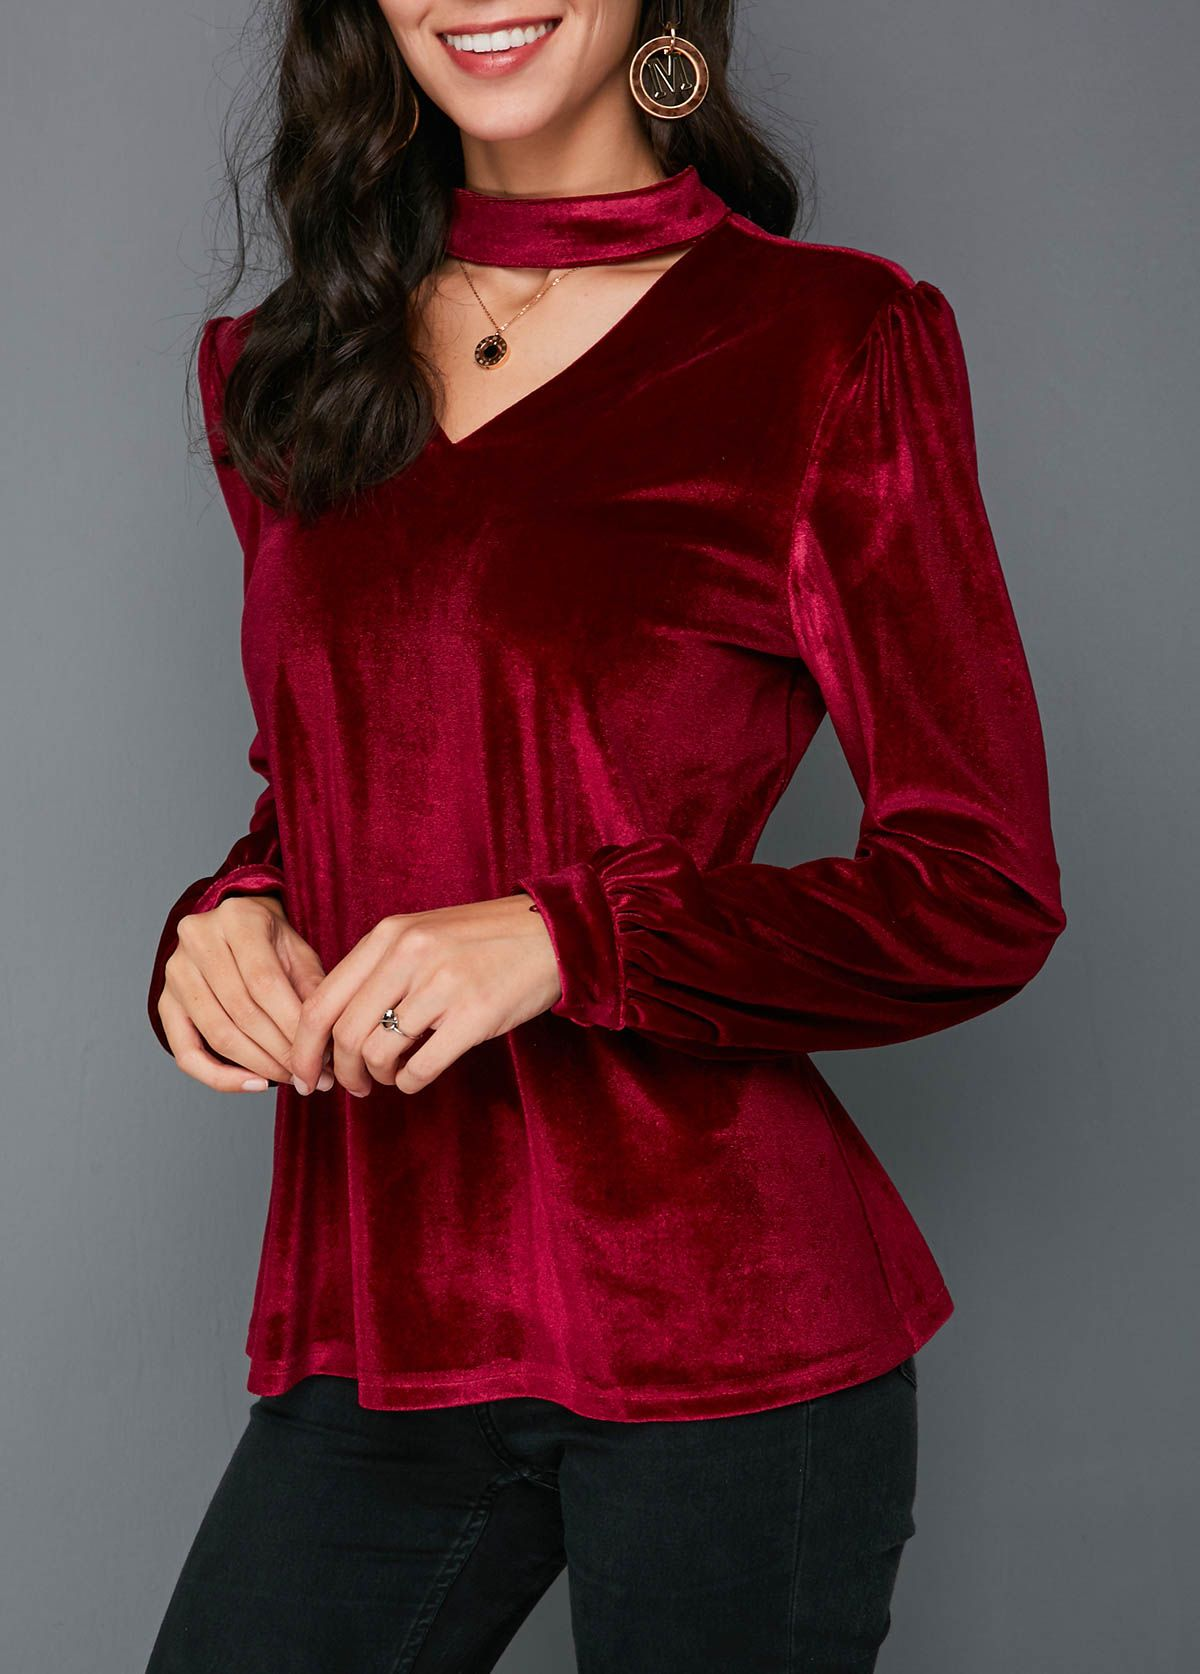 Long Sleeve Keyhole Back Velvet Blouse Trendy Fashion Tops Velvet Clothes Stylish Tops For Girls